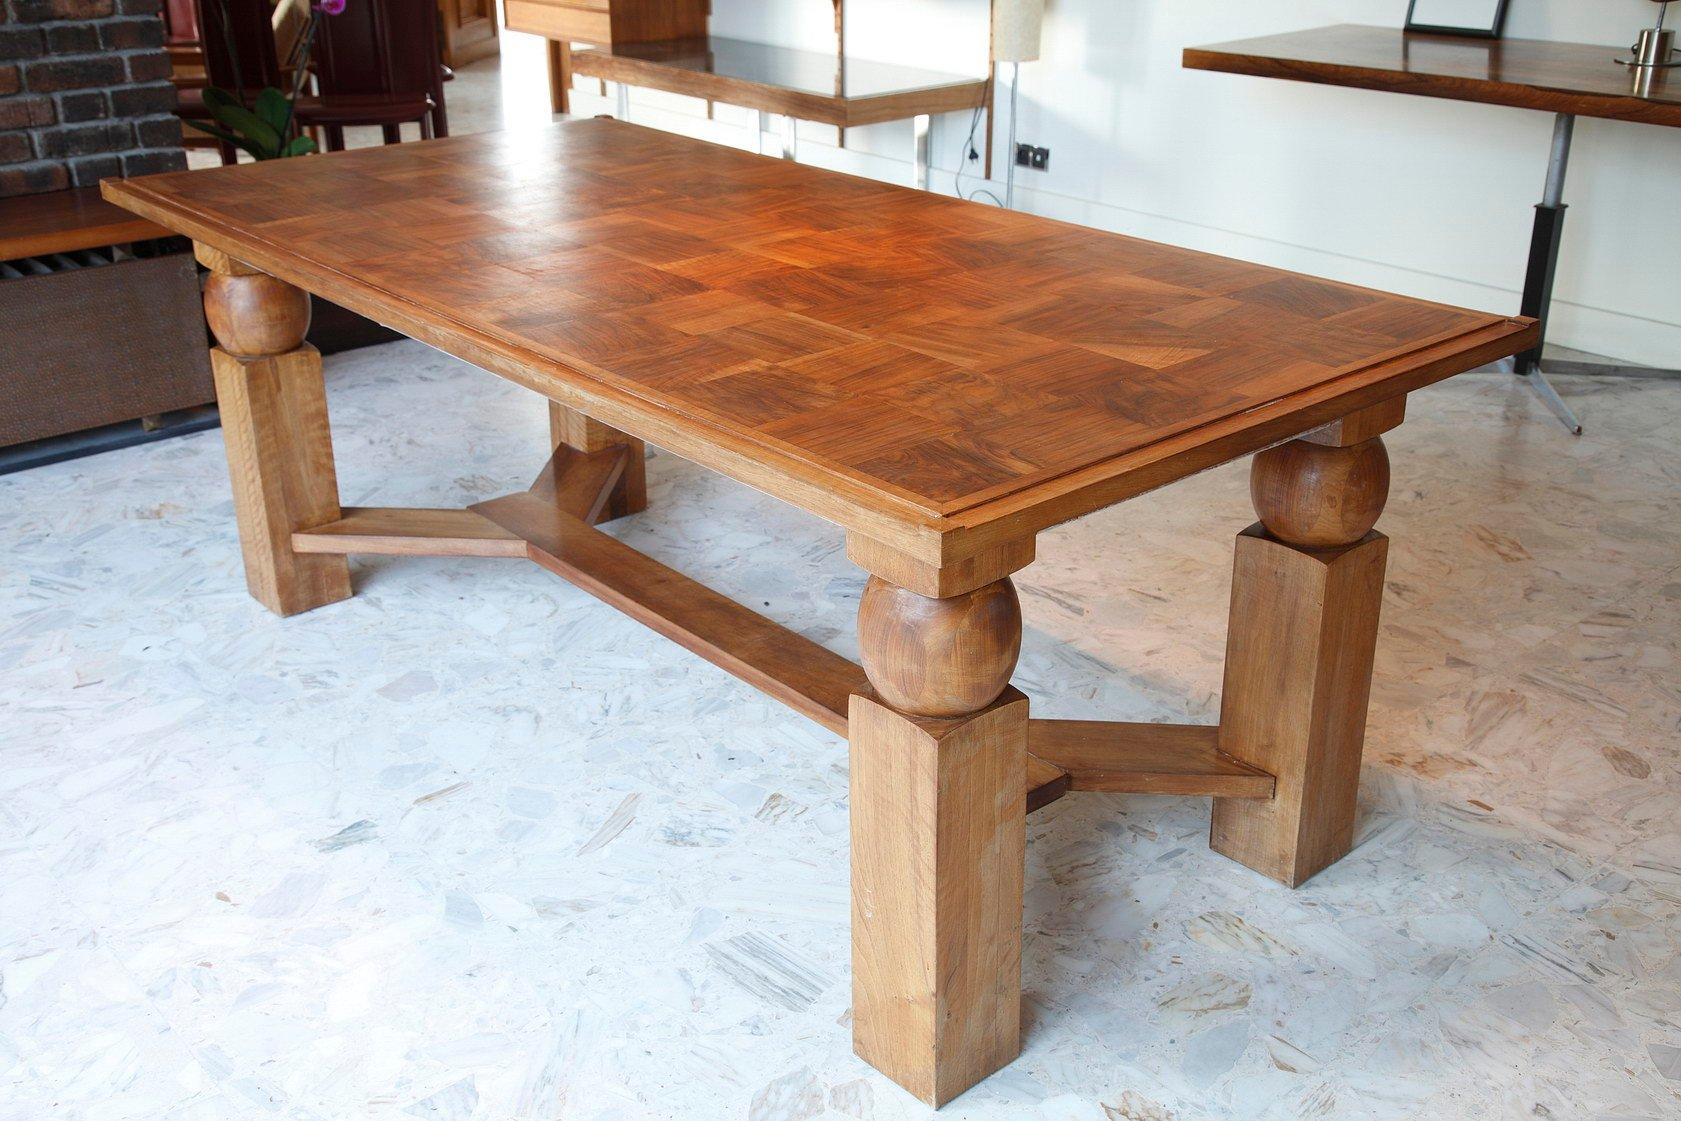 Tisch naturholz free finebuy esstisch pintu massivholz for Esstisch naturholz massiv